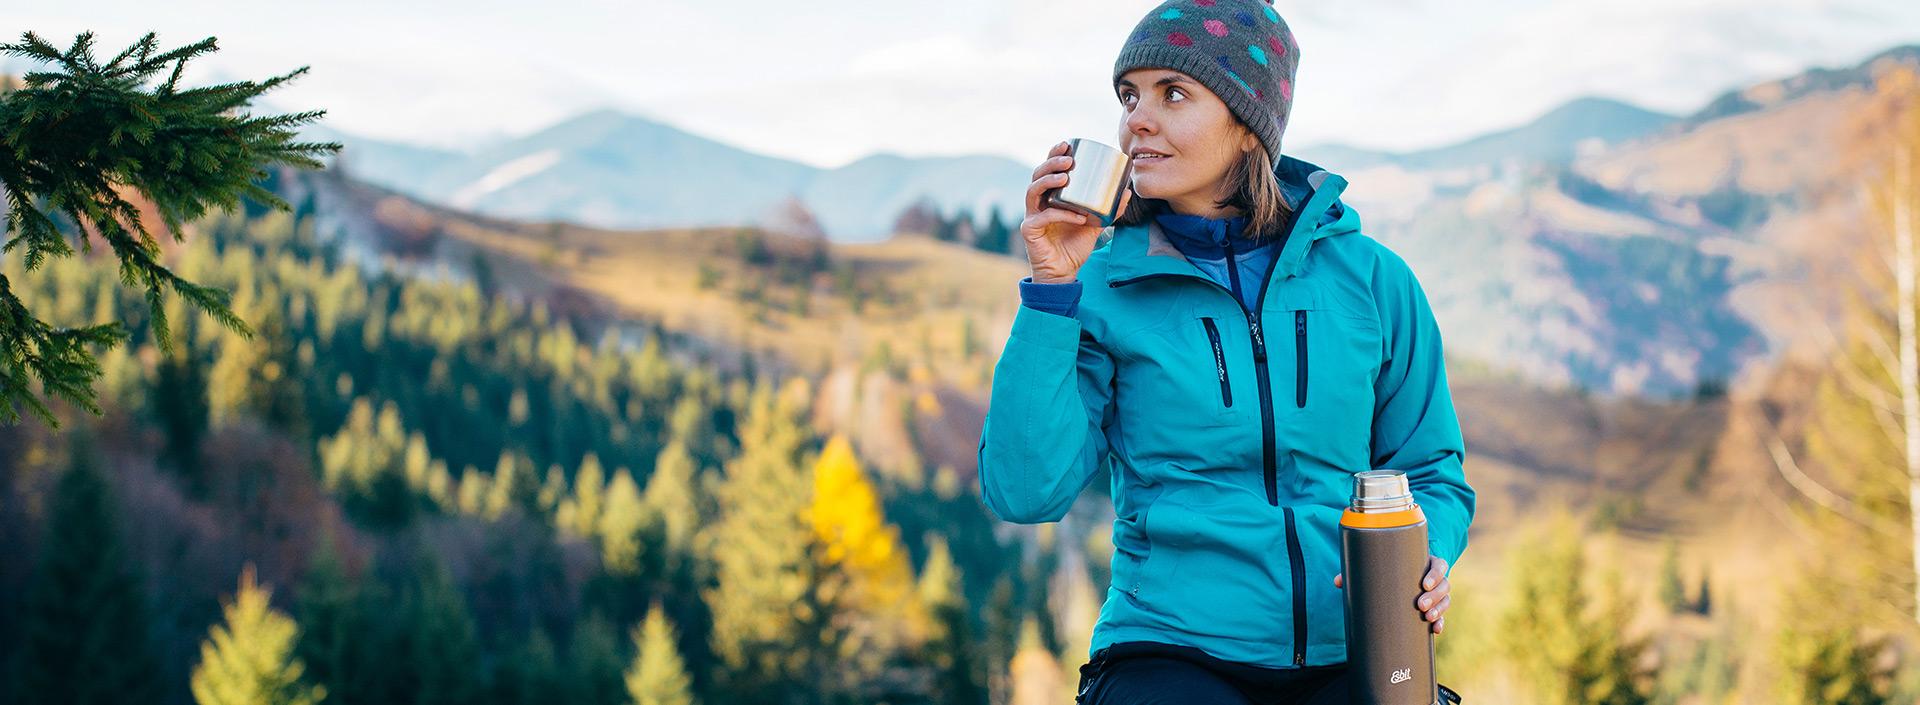 kobieta z termosem w górach